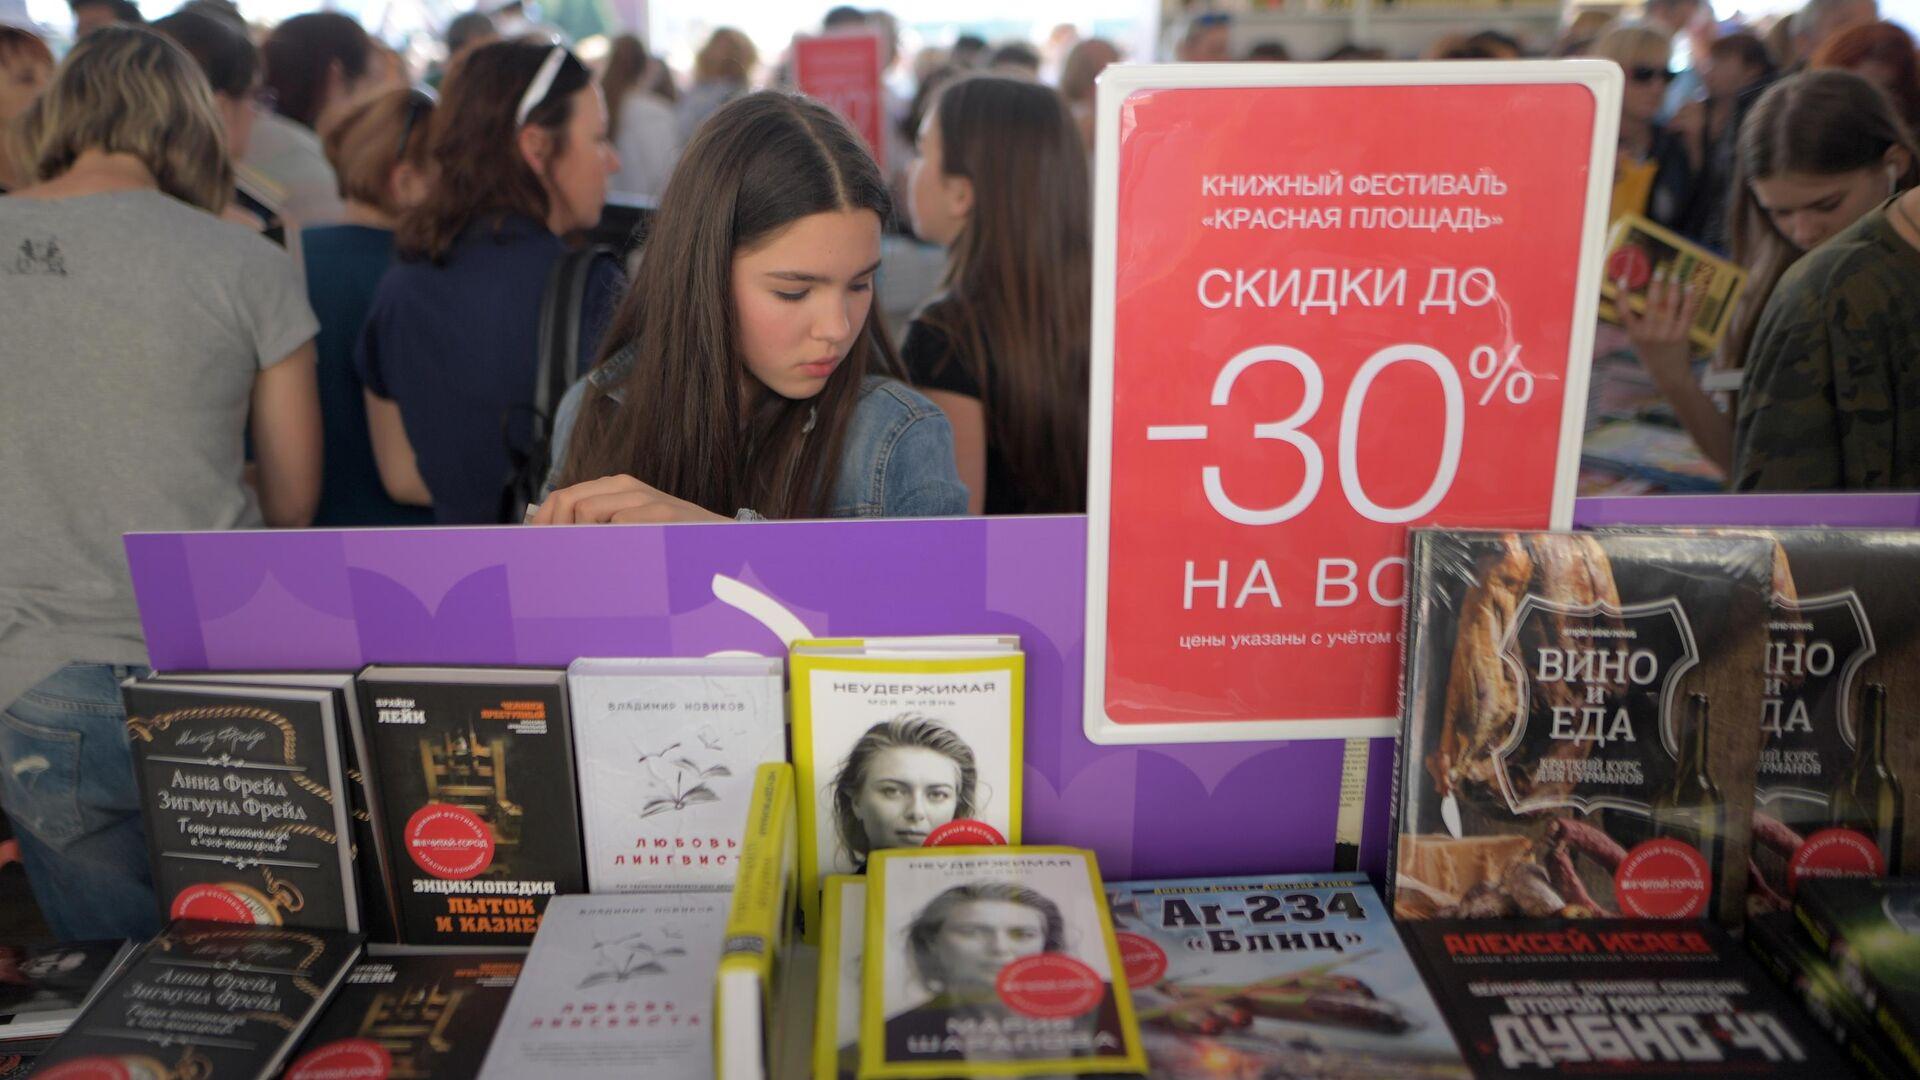 На книжном фестивале Красная площадь в Москве - РИА Новости, 1920, 05.03.2021